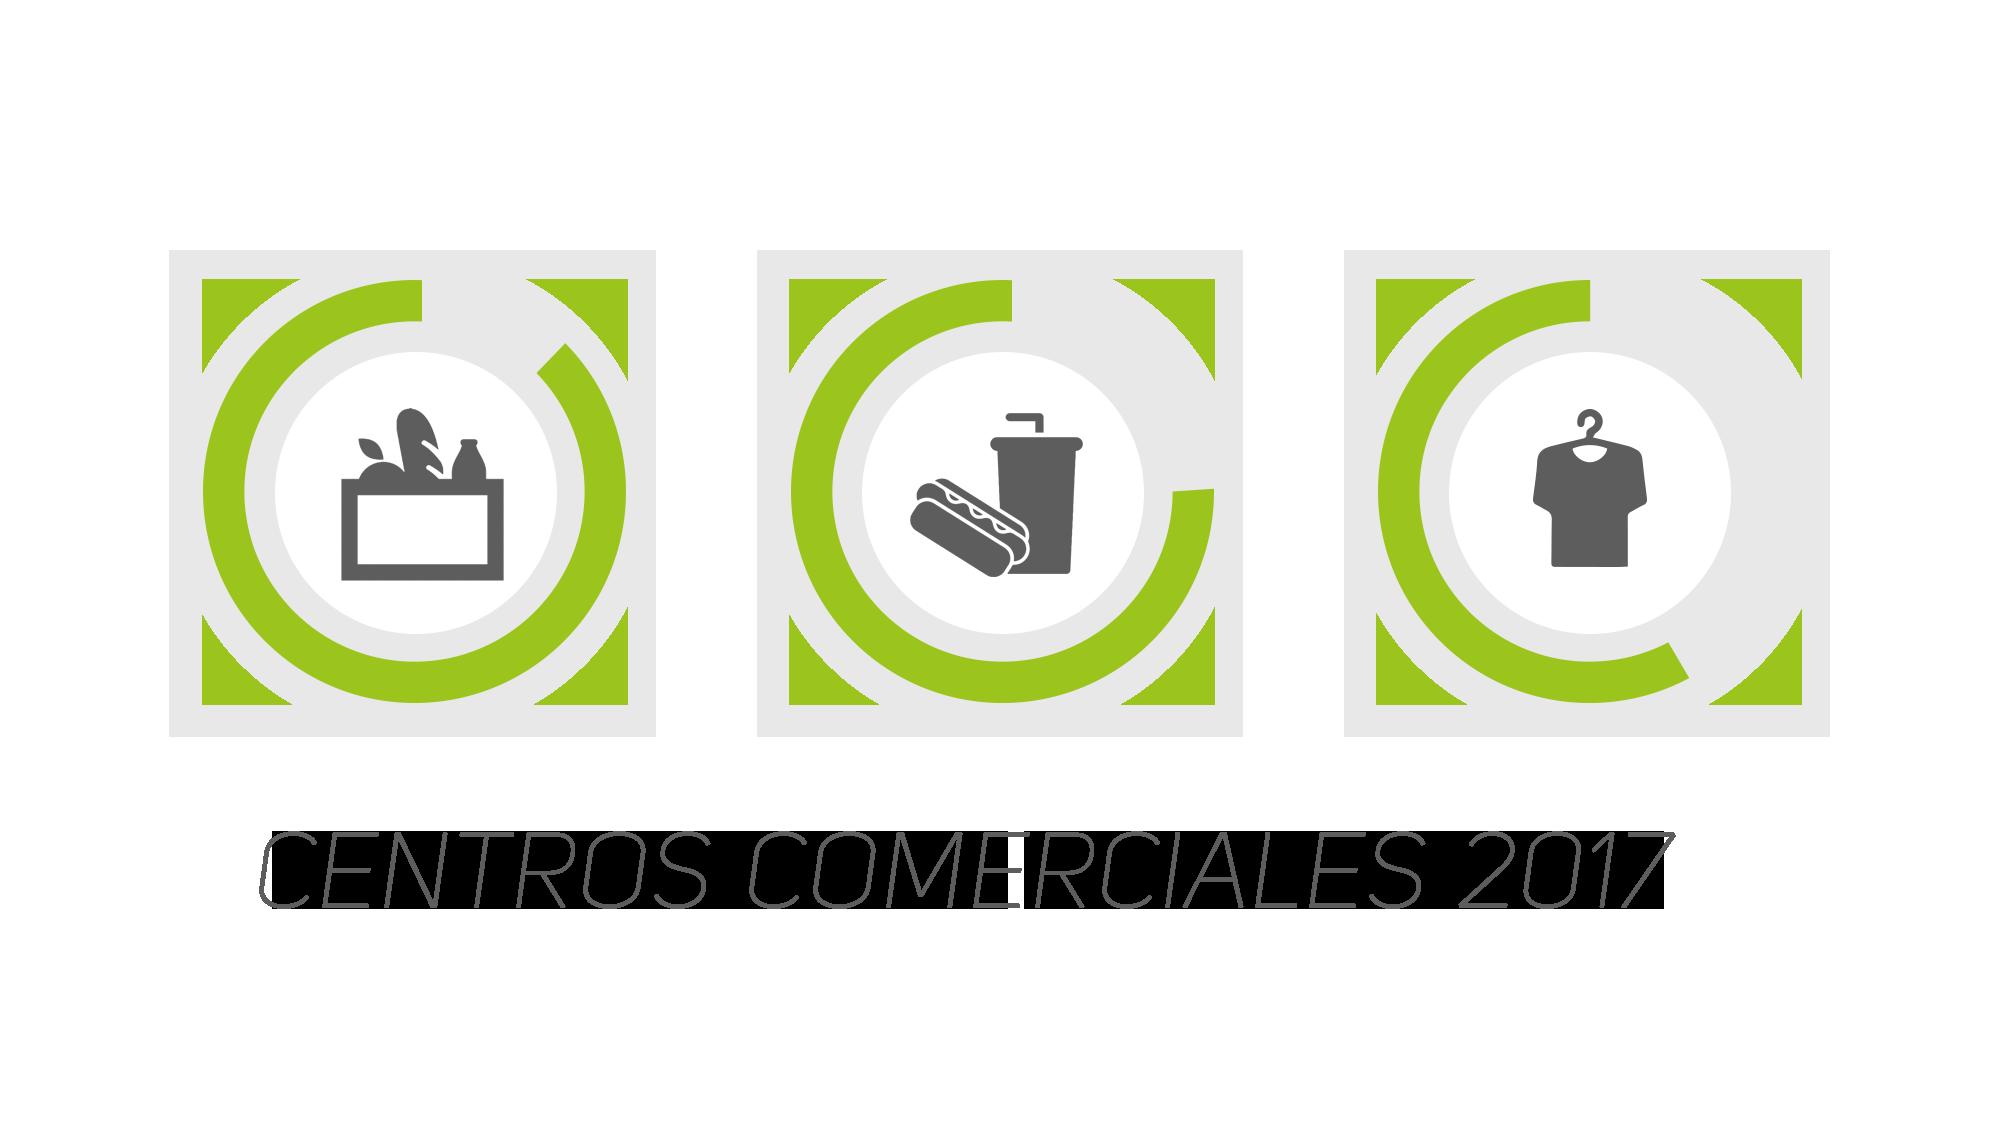 Centros Comerciales 2017